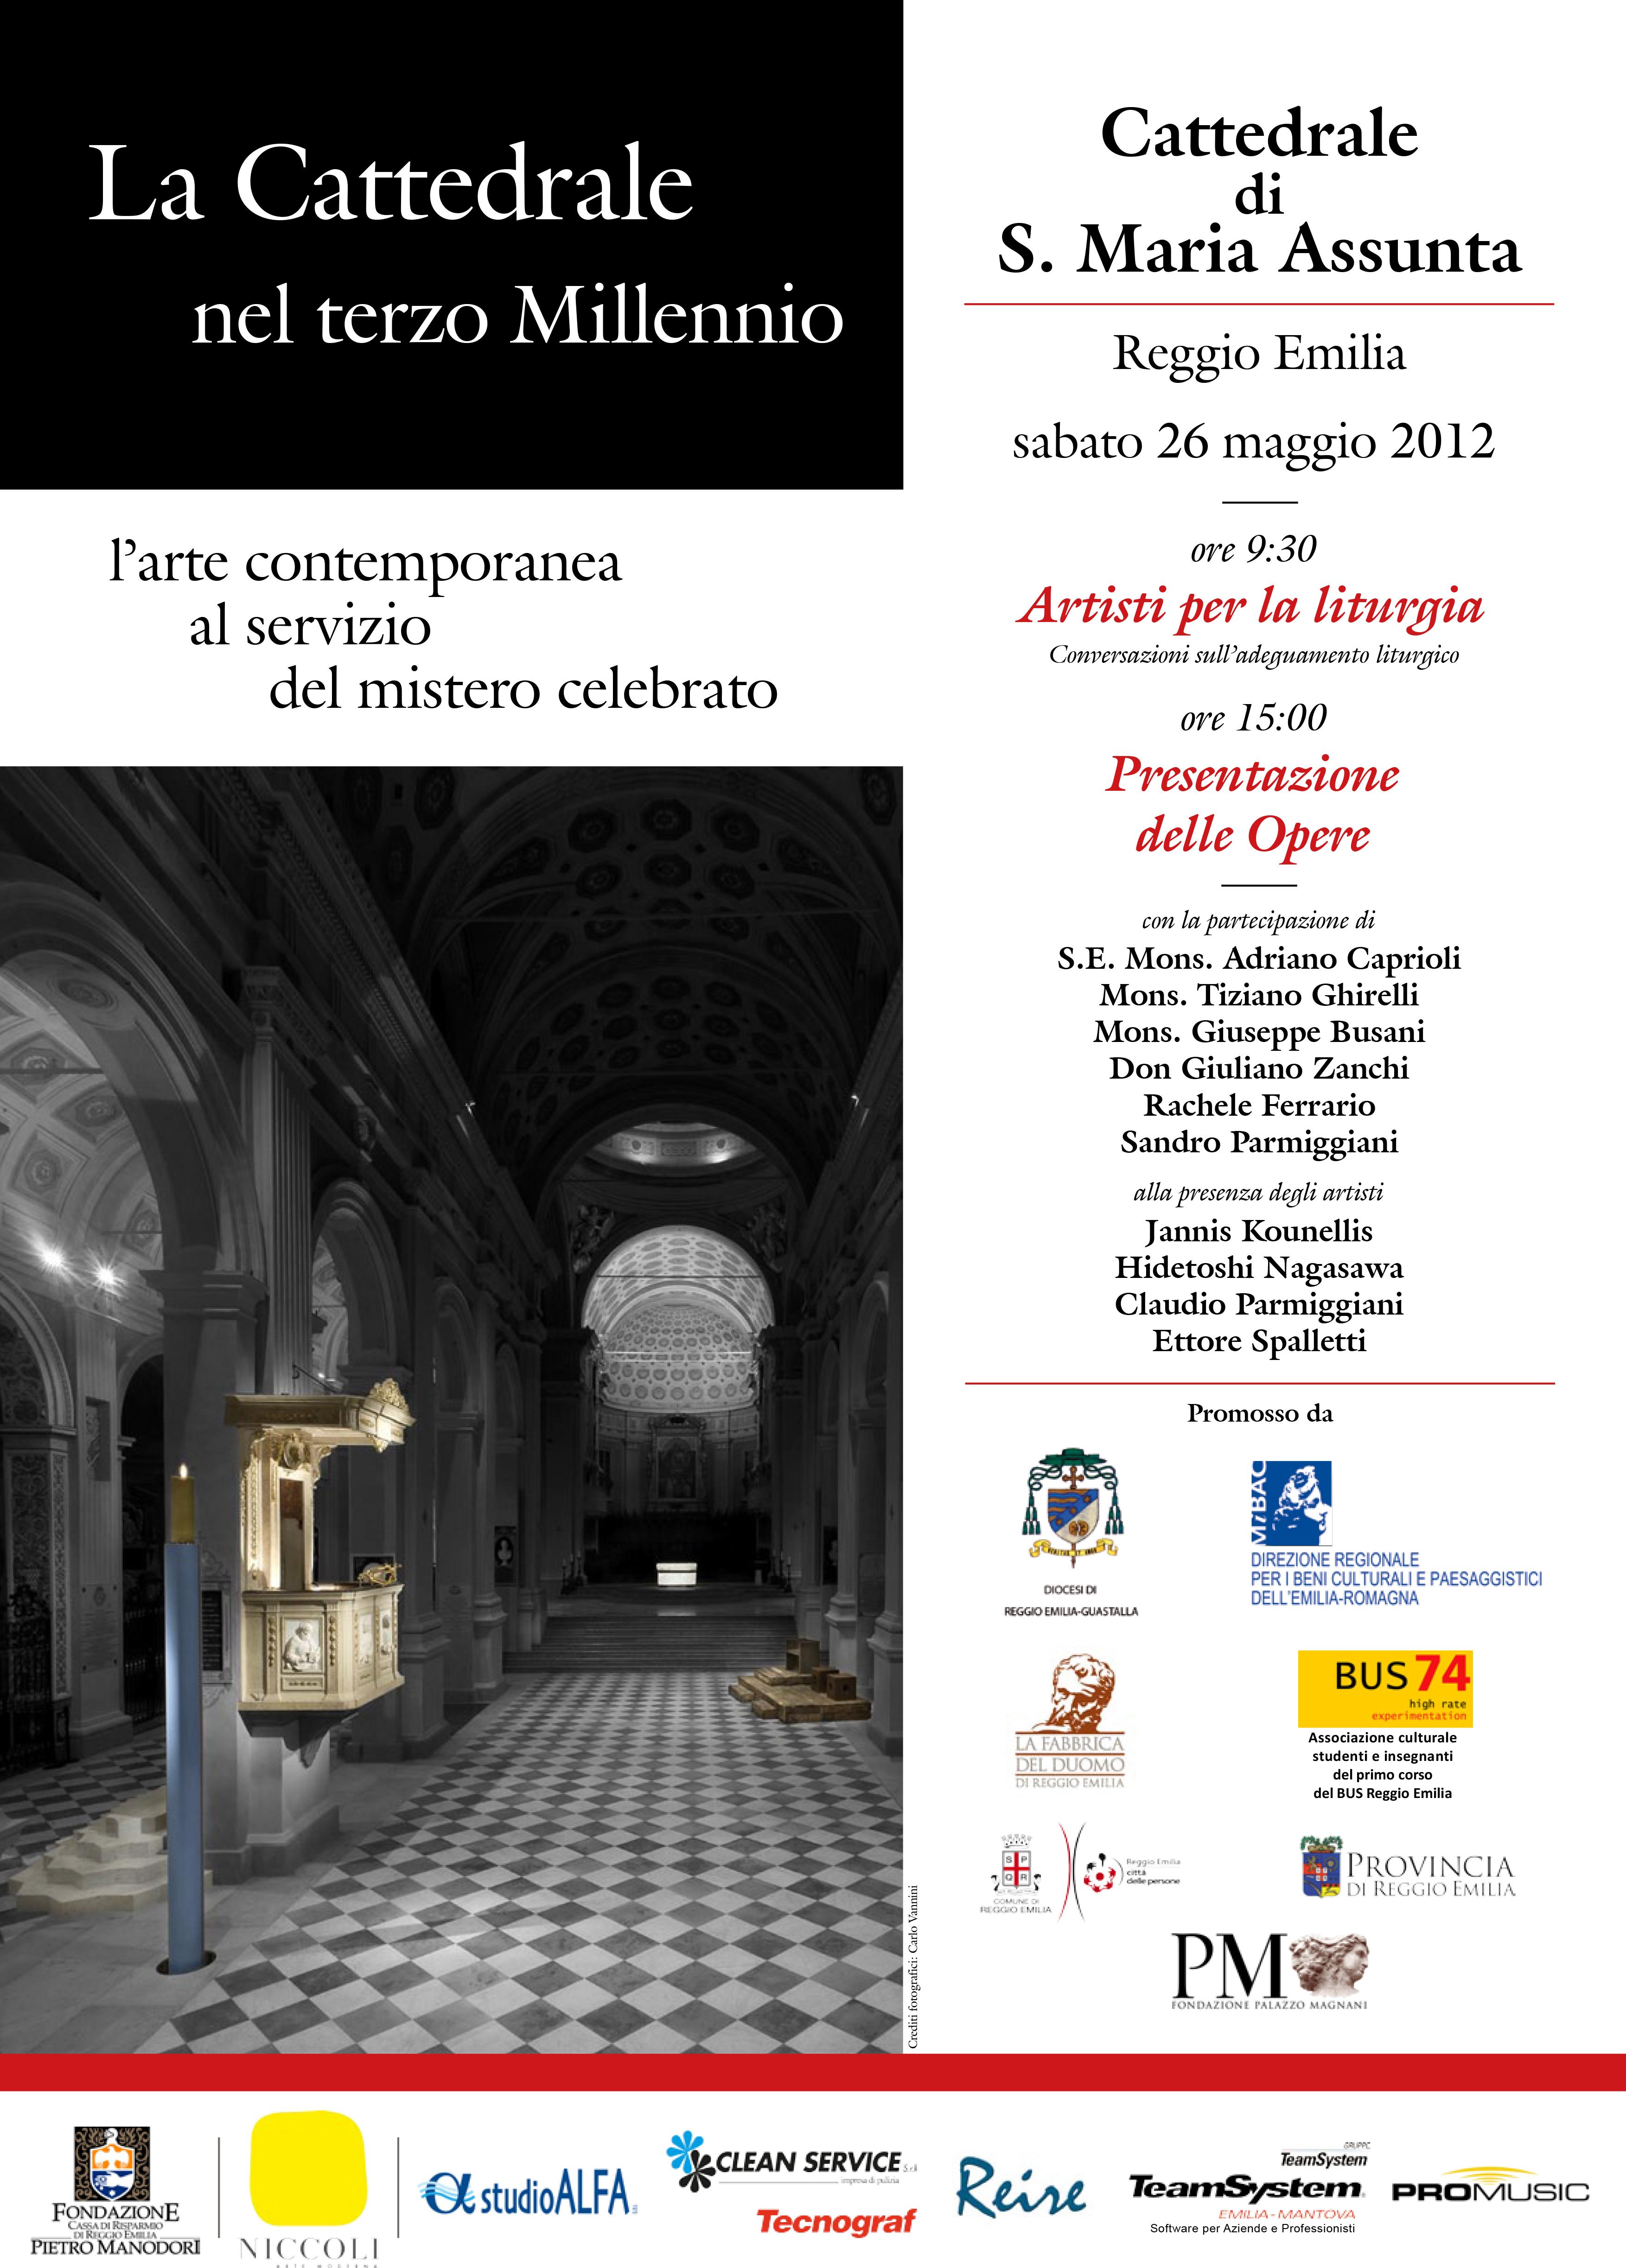 Cattedrale di Santa Maria Assunta RE